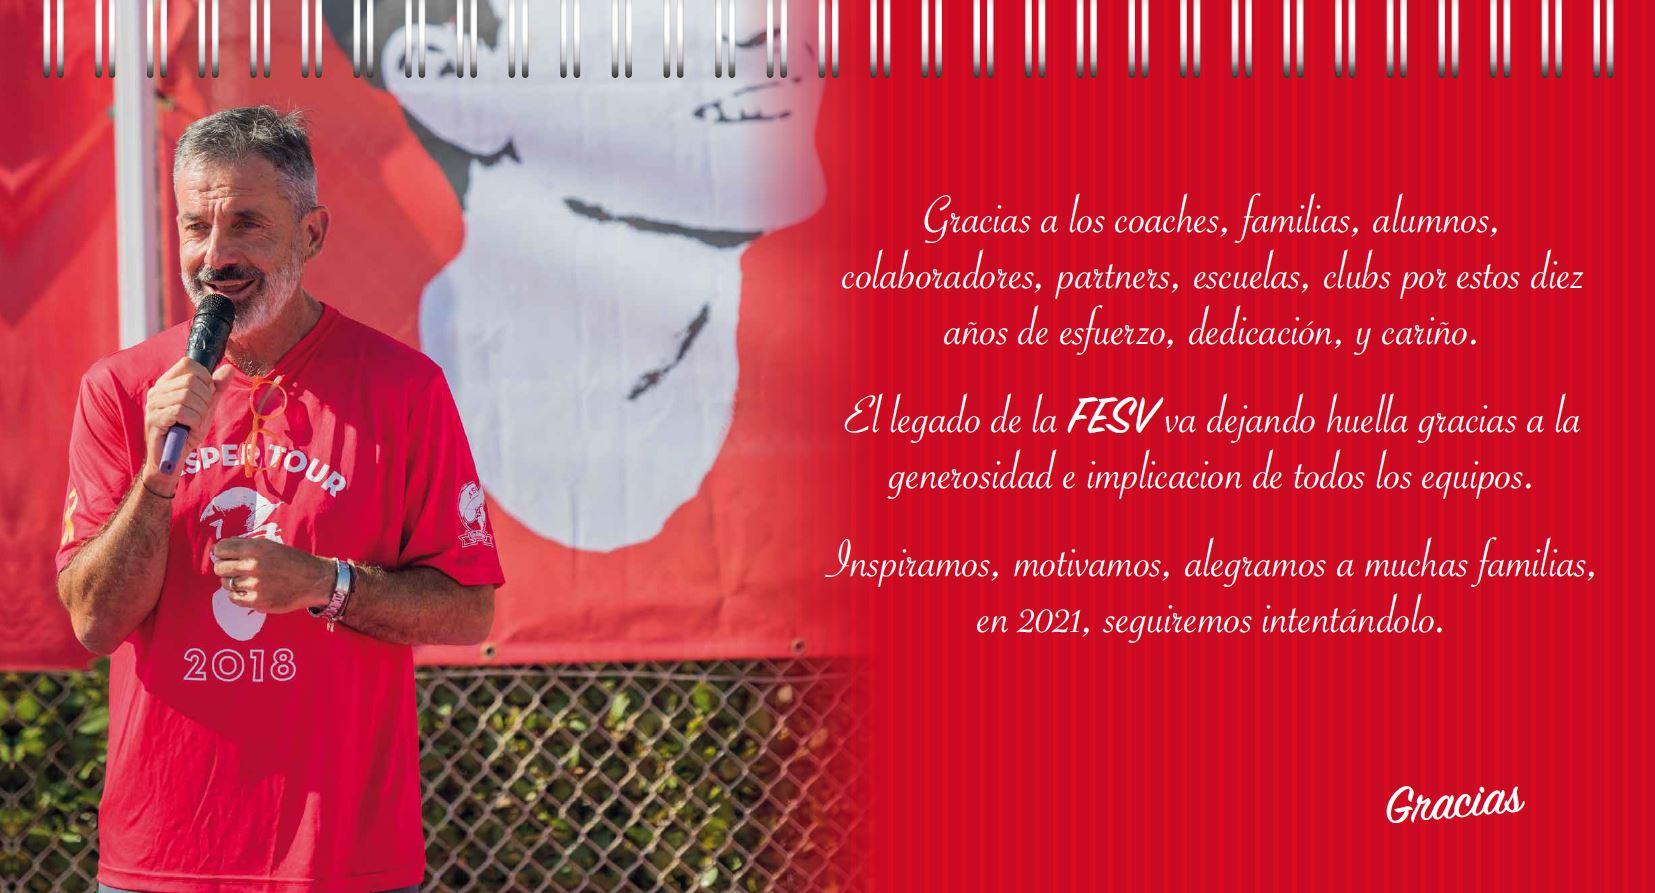 Image for Calendario 2021 de la Fundación Emilio Sánchez Vicario